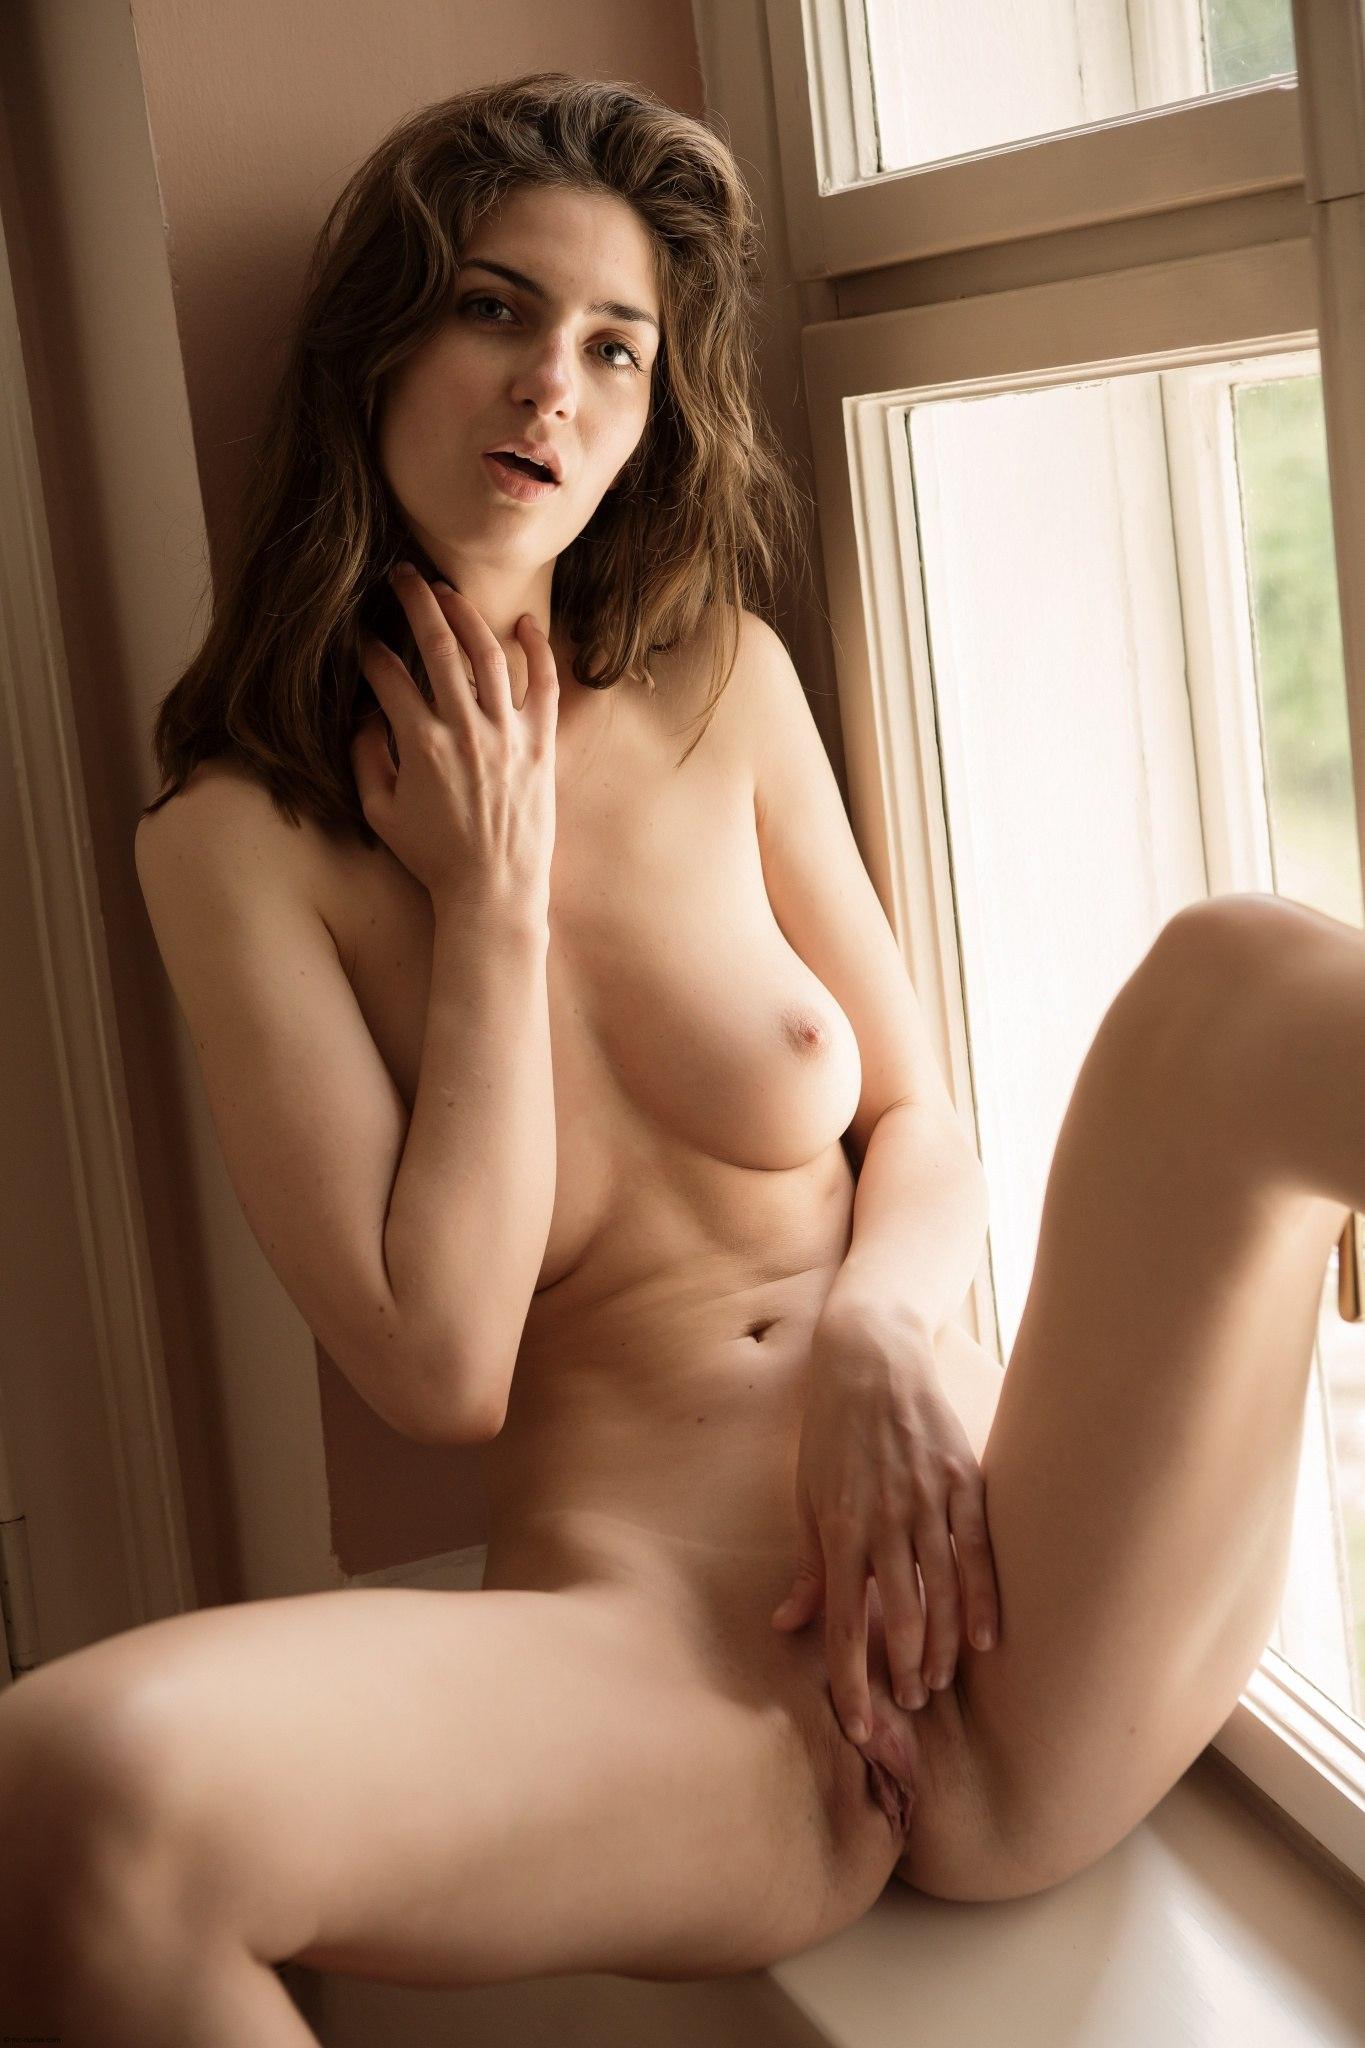 Толстые мастурбаторши фото 13 фотография